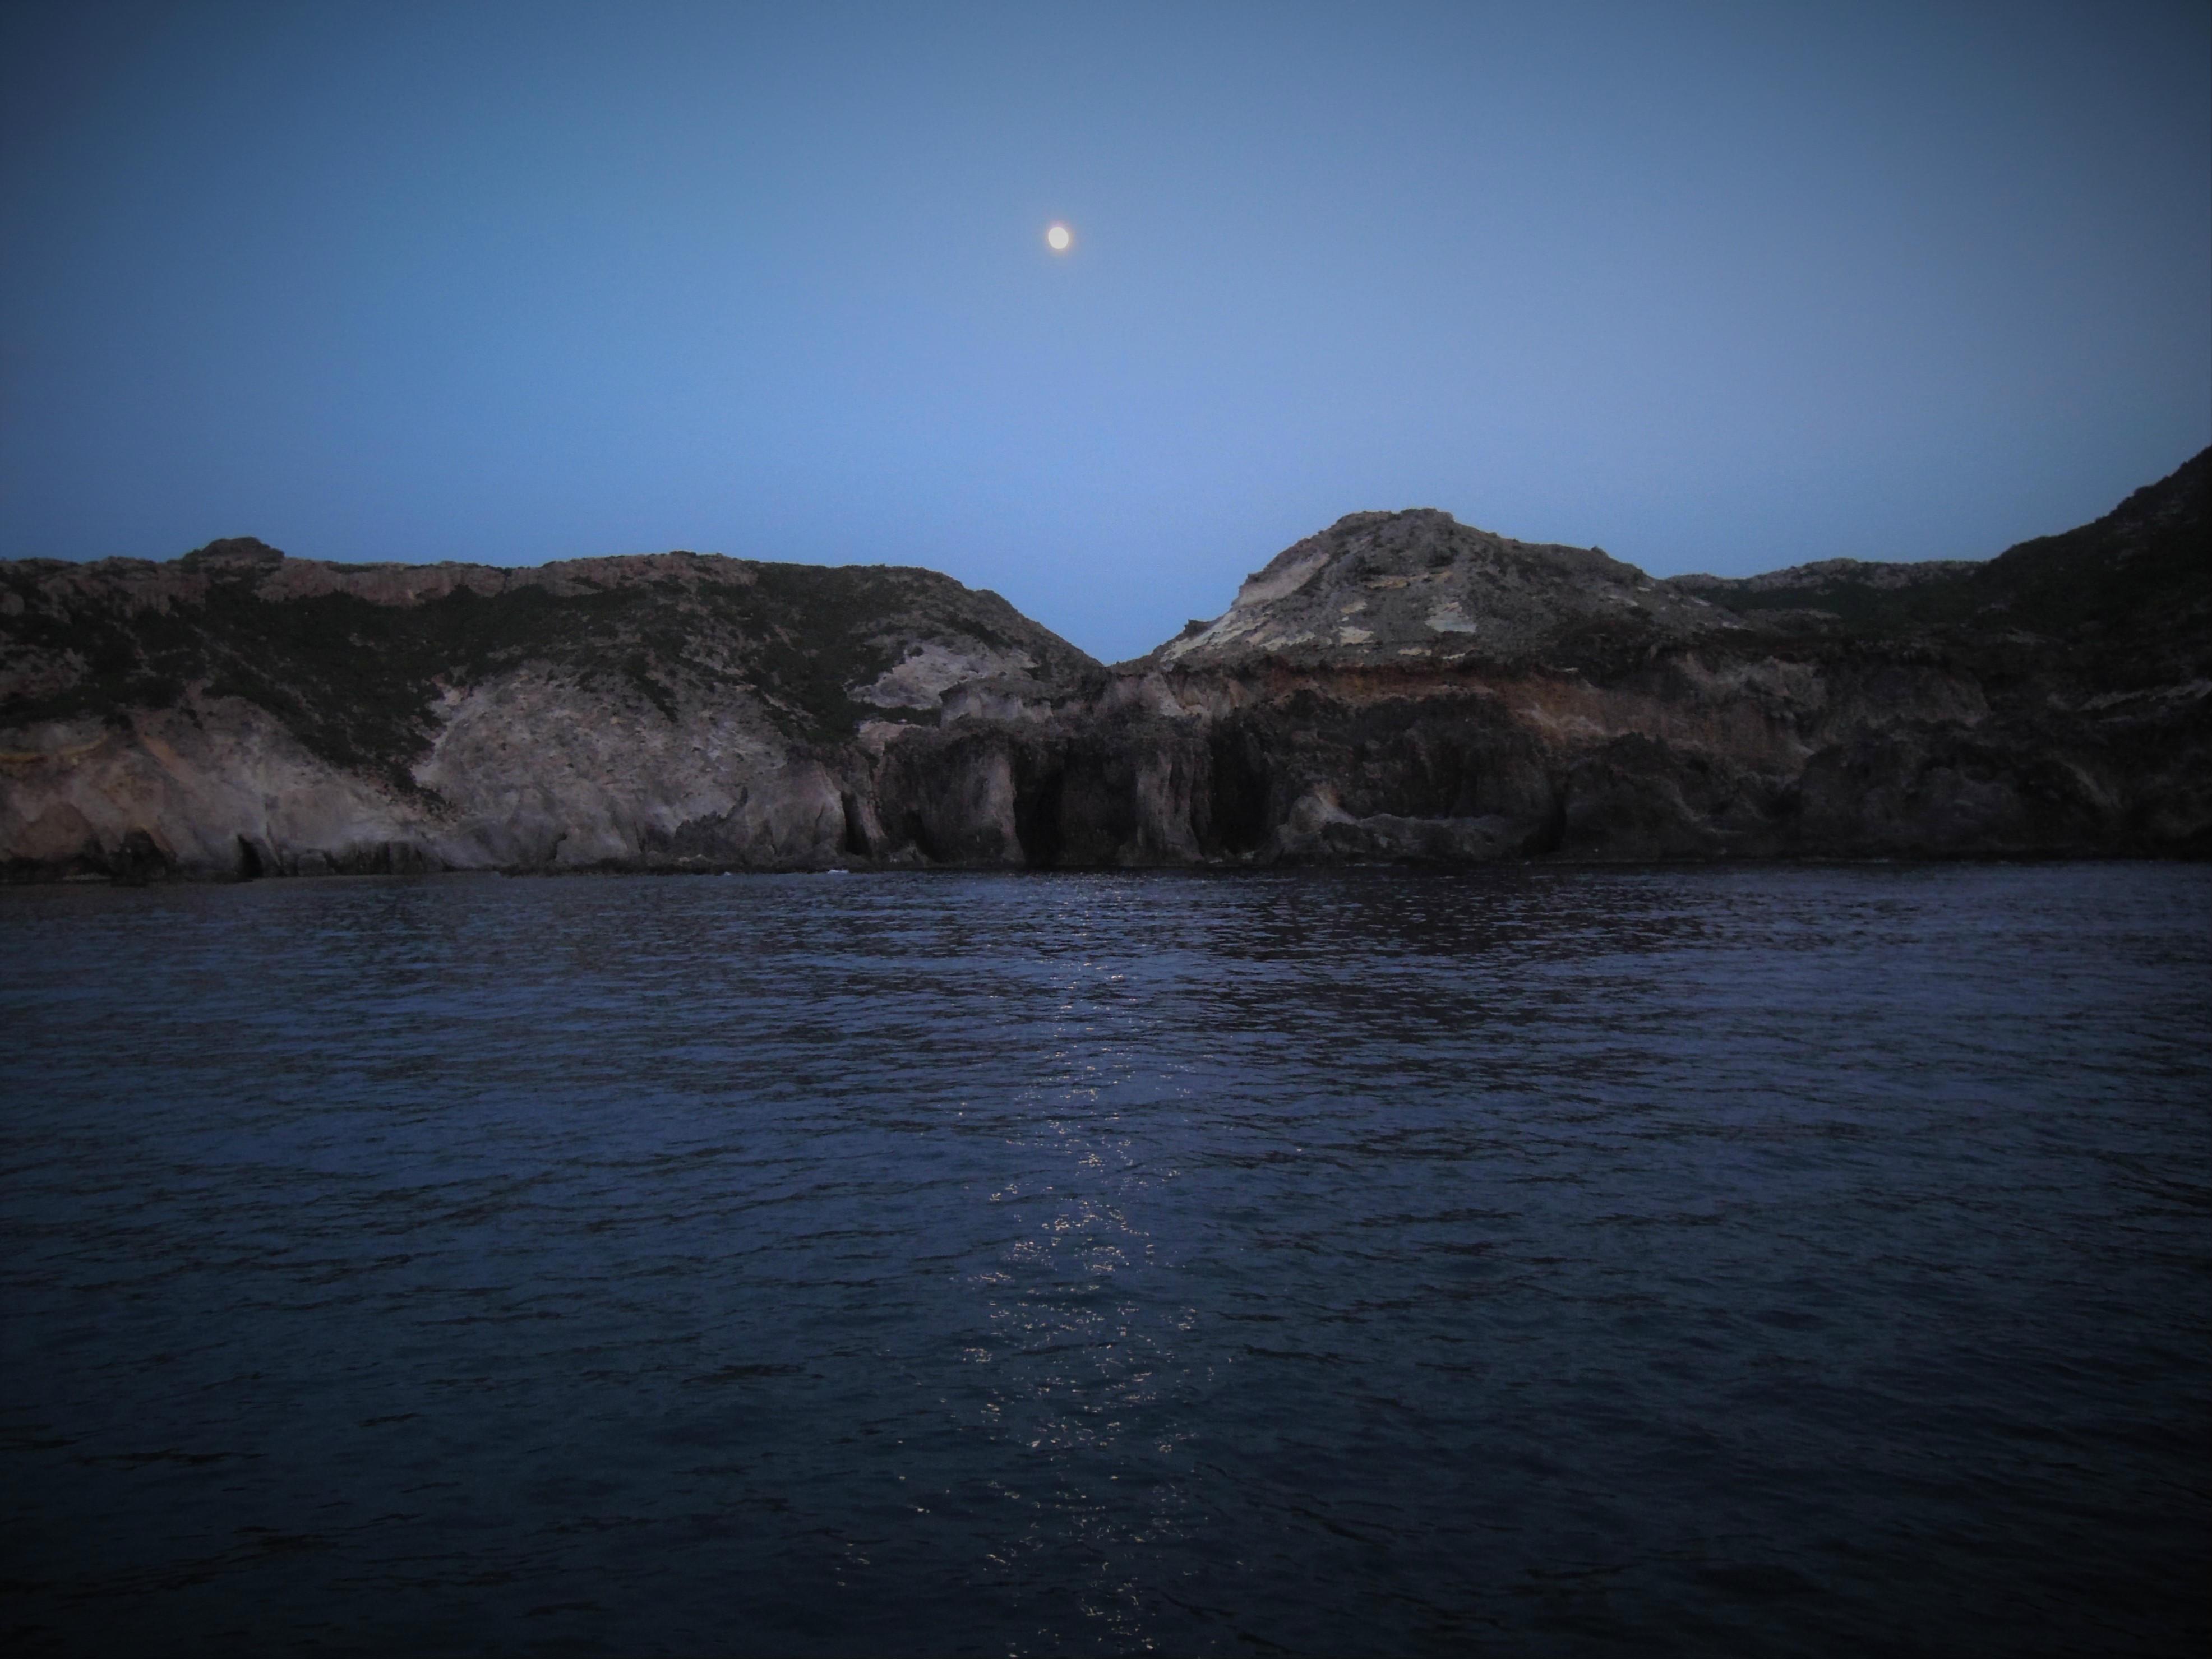 luna di carloforte